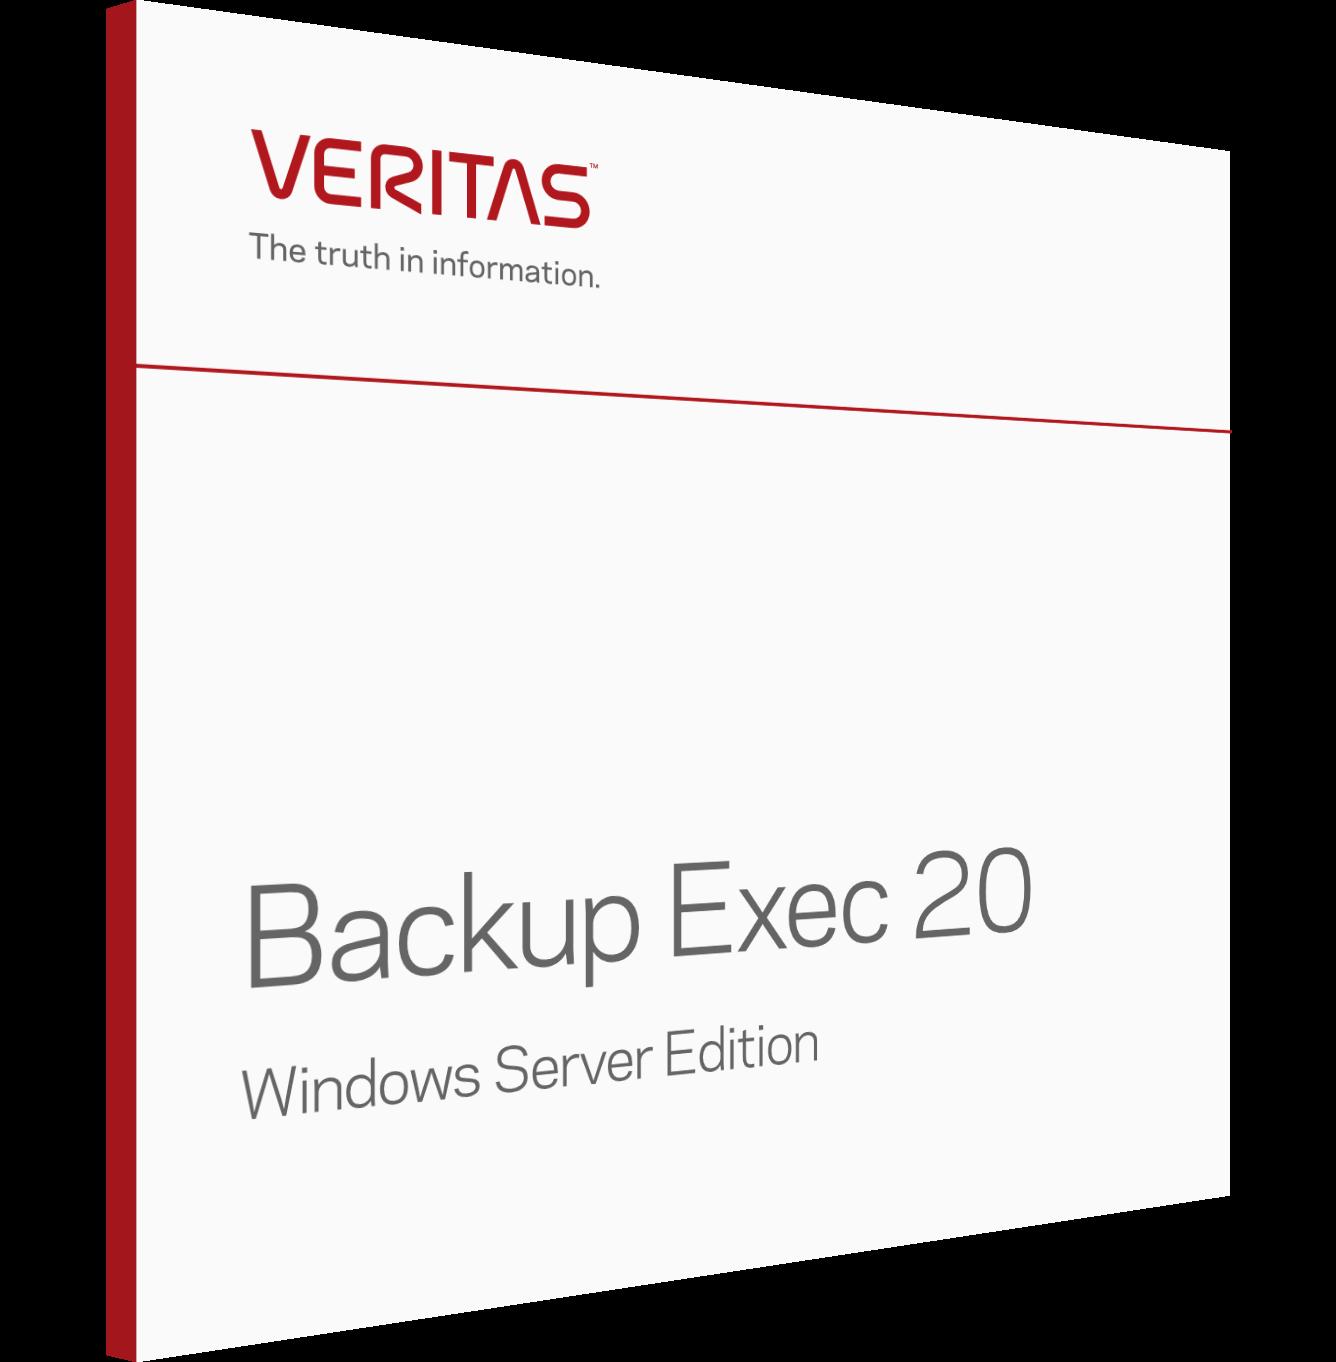 Veritas Backup Exec 20 Windows Server Edition Enespa